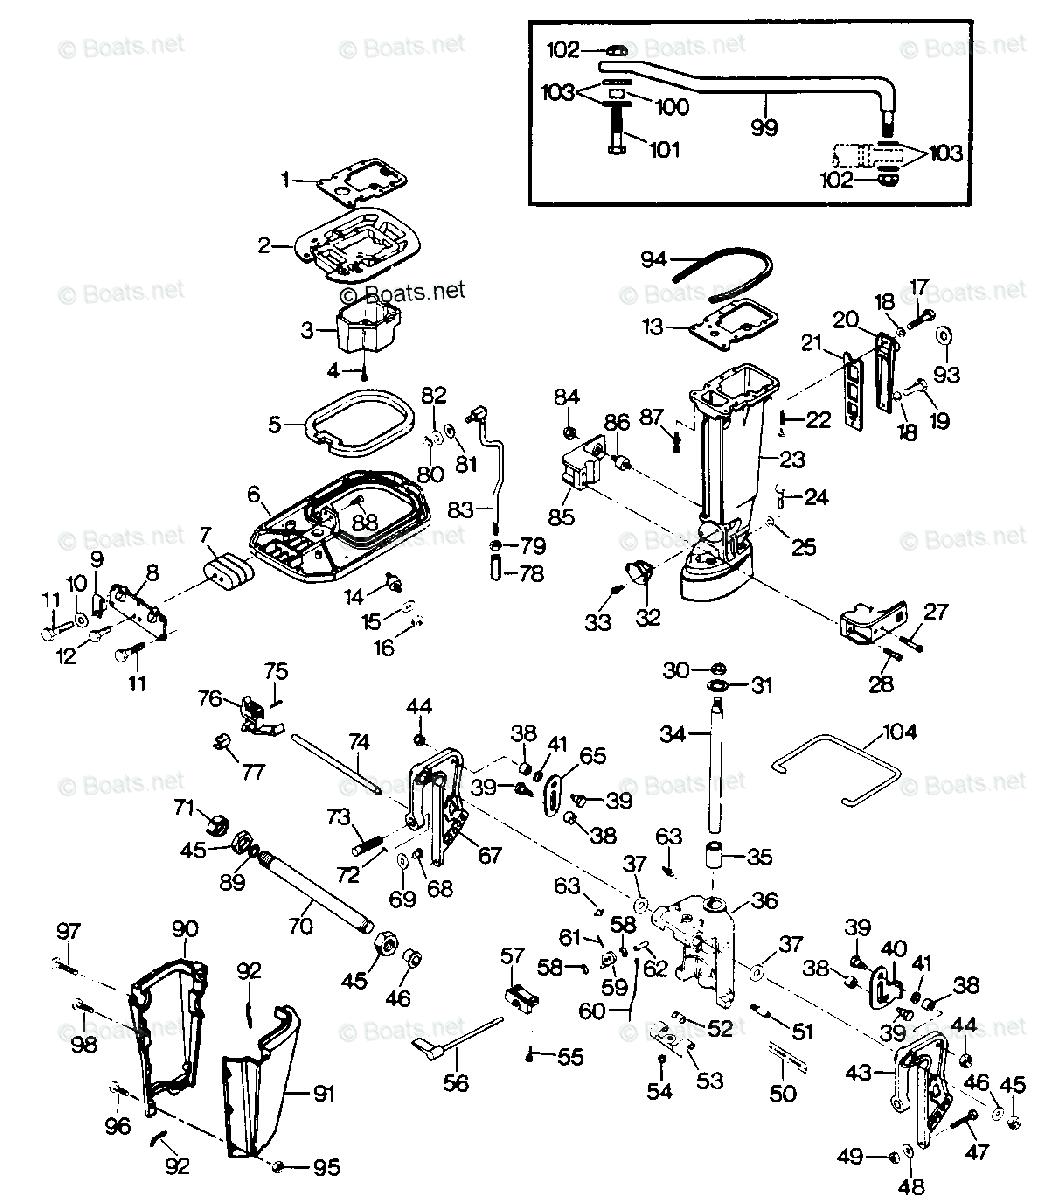 50 mercury wiring harness diagram os 9541  50 mercury wiring harness diagram  os 9541  50 mercury wiring harness diagram